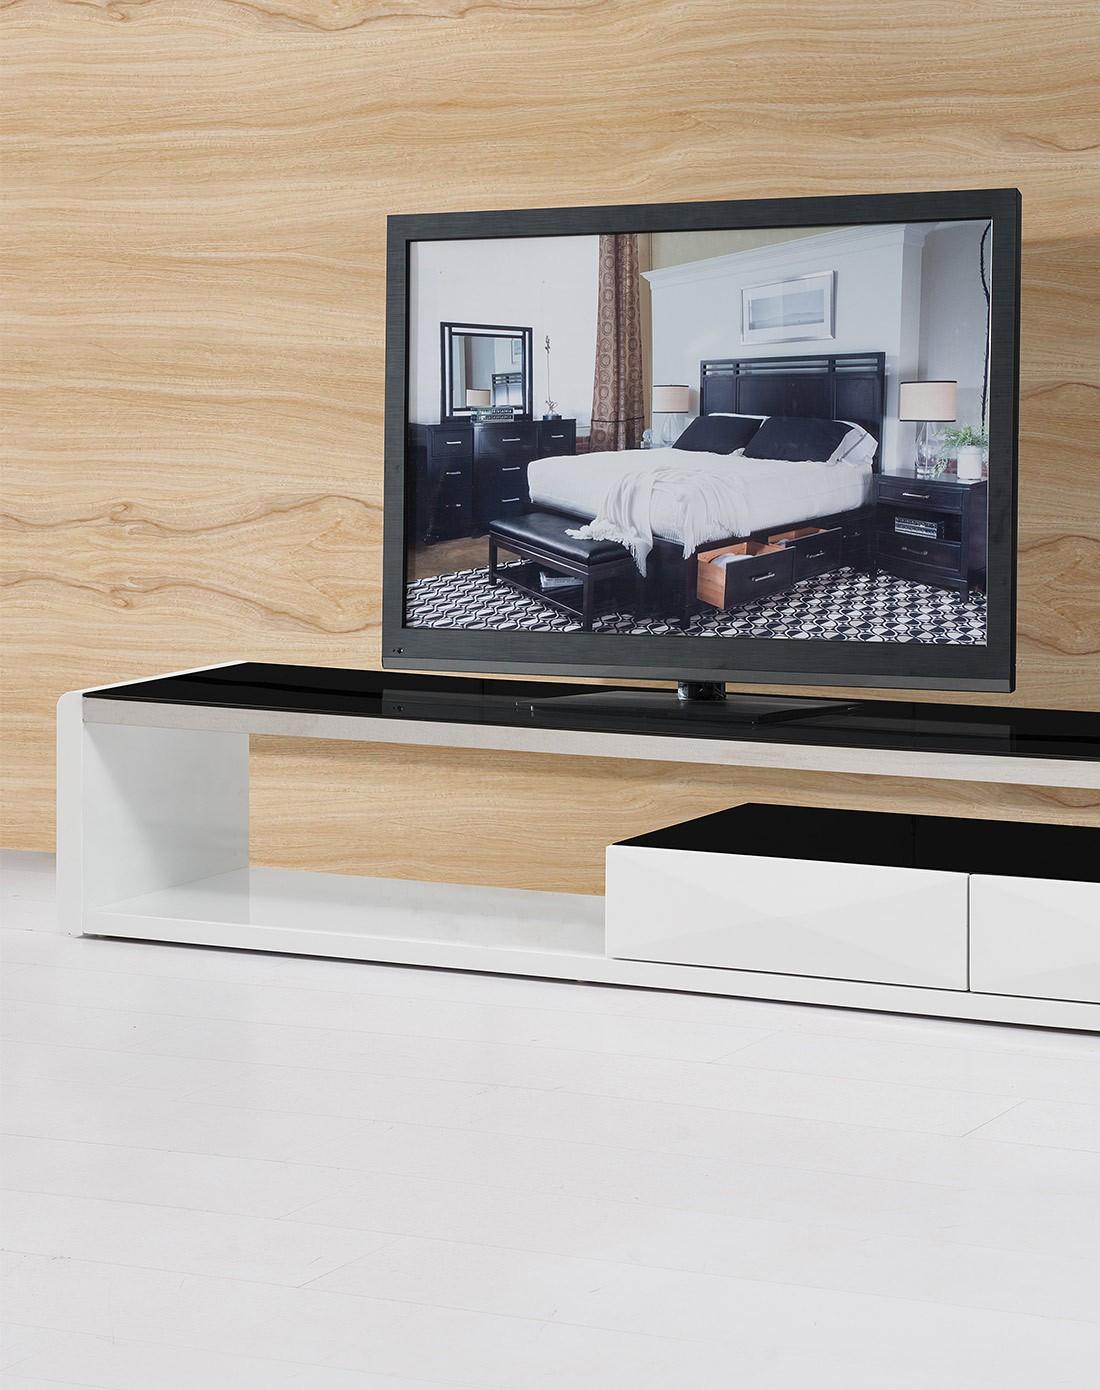 白色钢琴烤漆拉伸电视柜